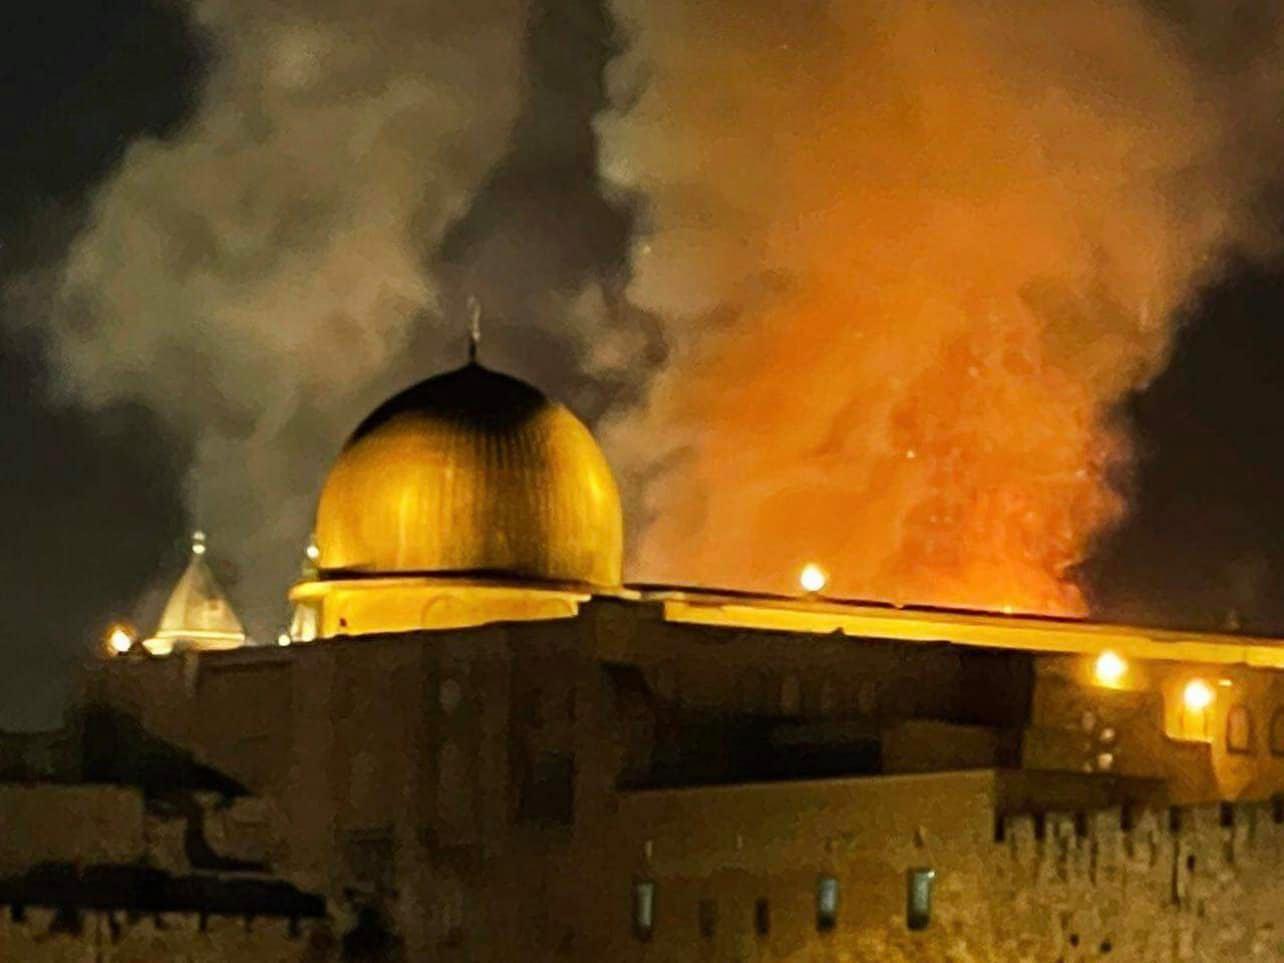 Мечеть Аль-Акса горит: кадры пожара третьей святыни ислама